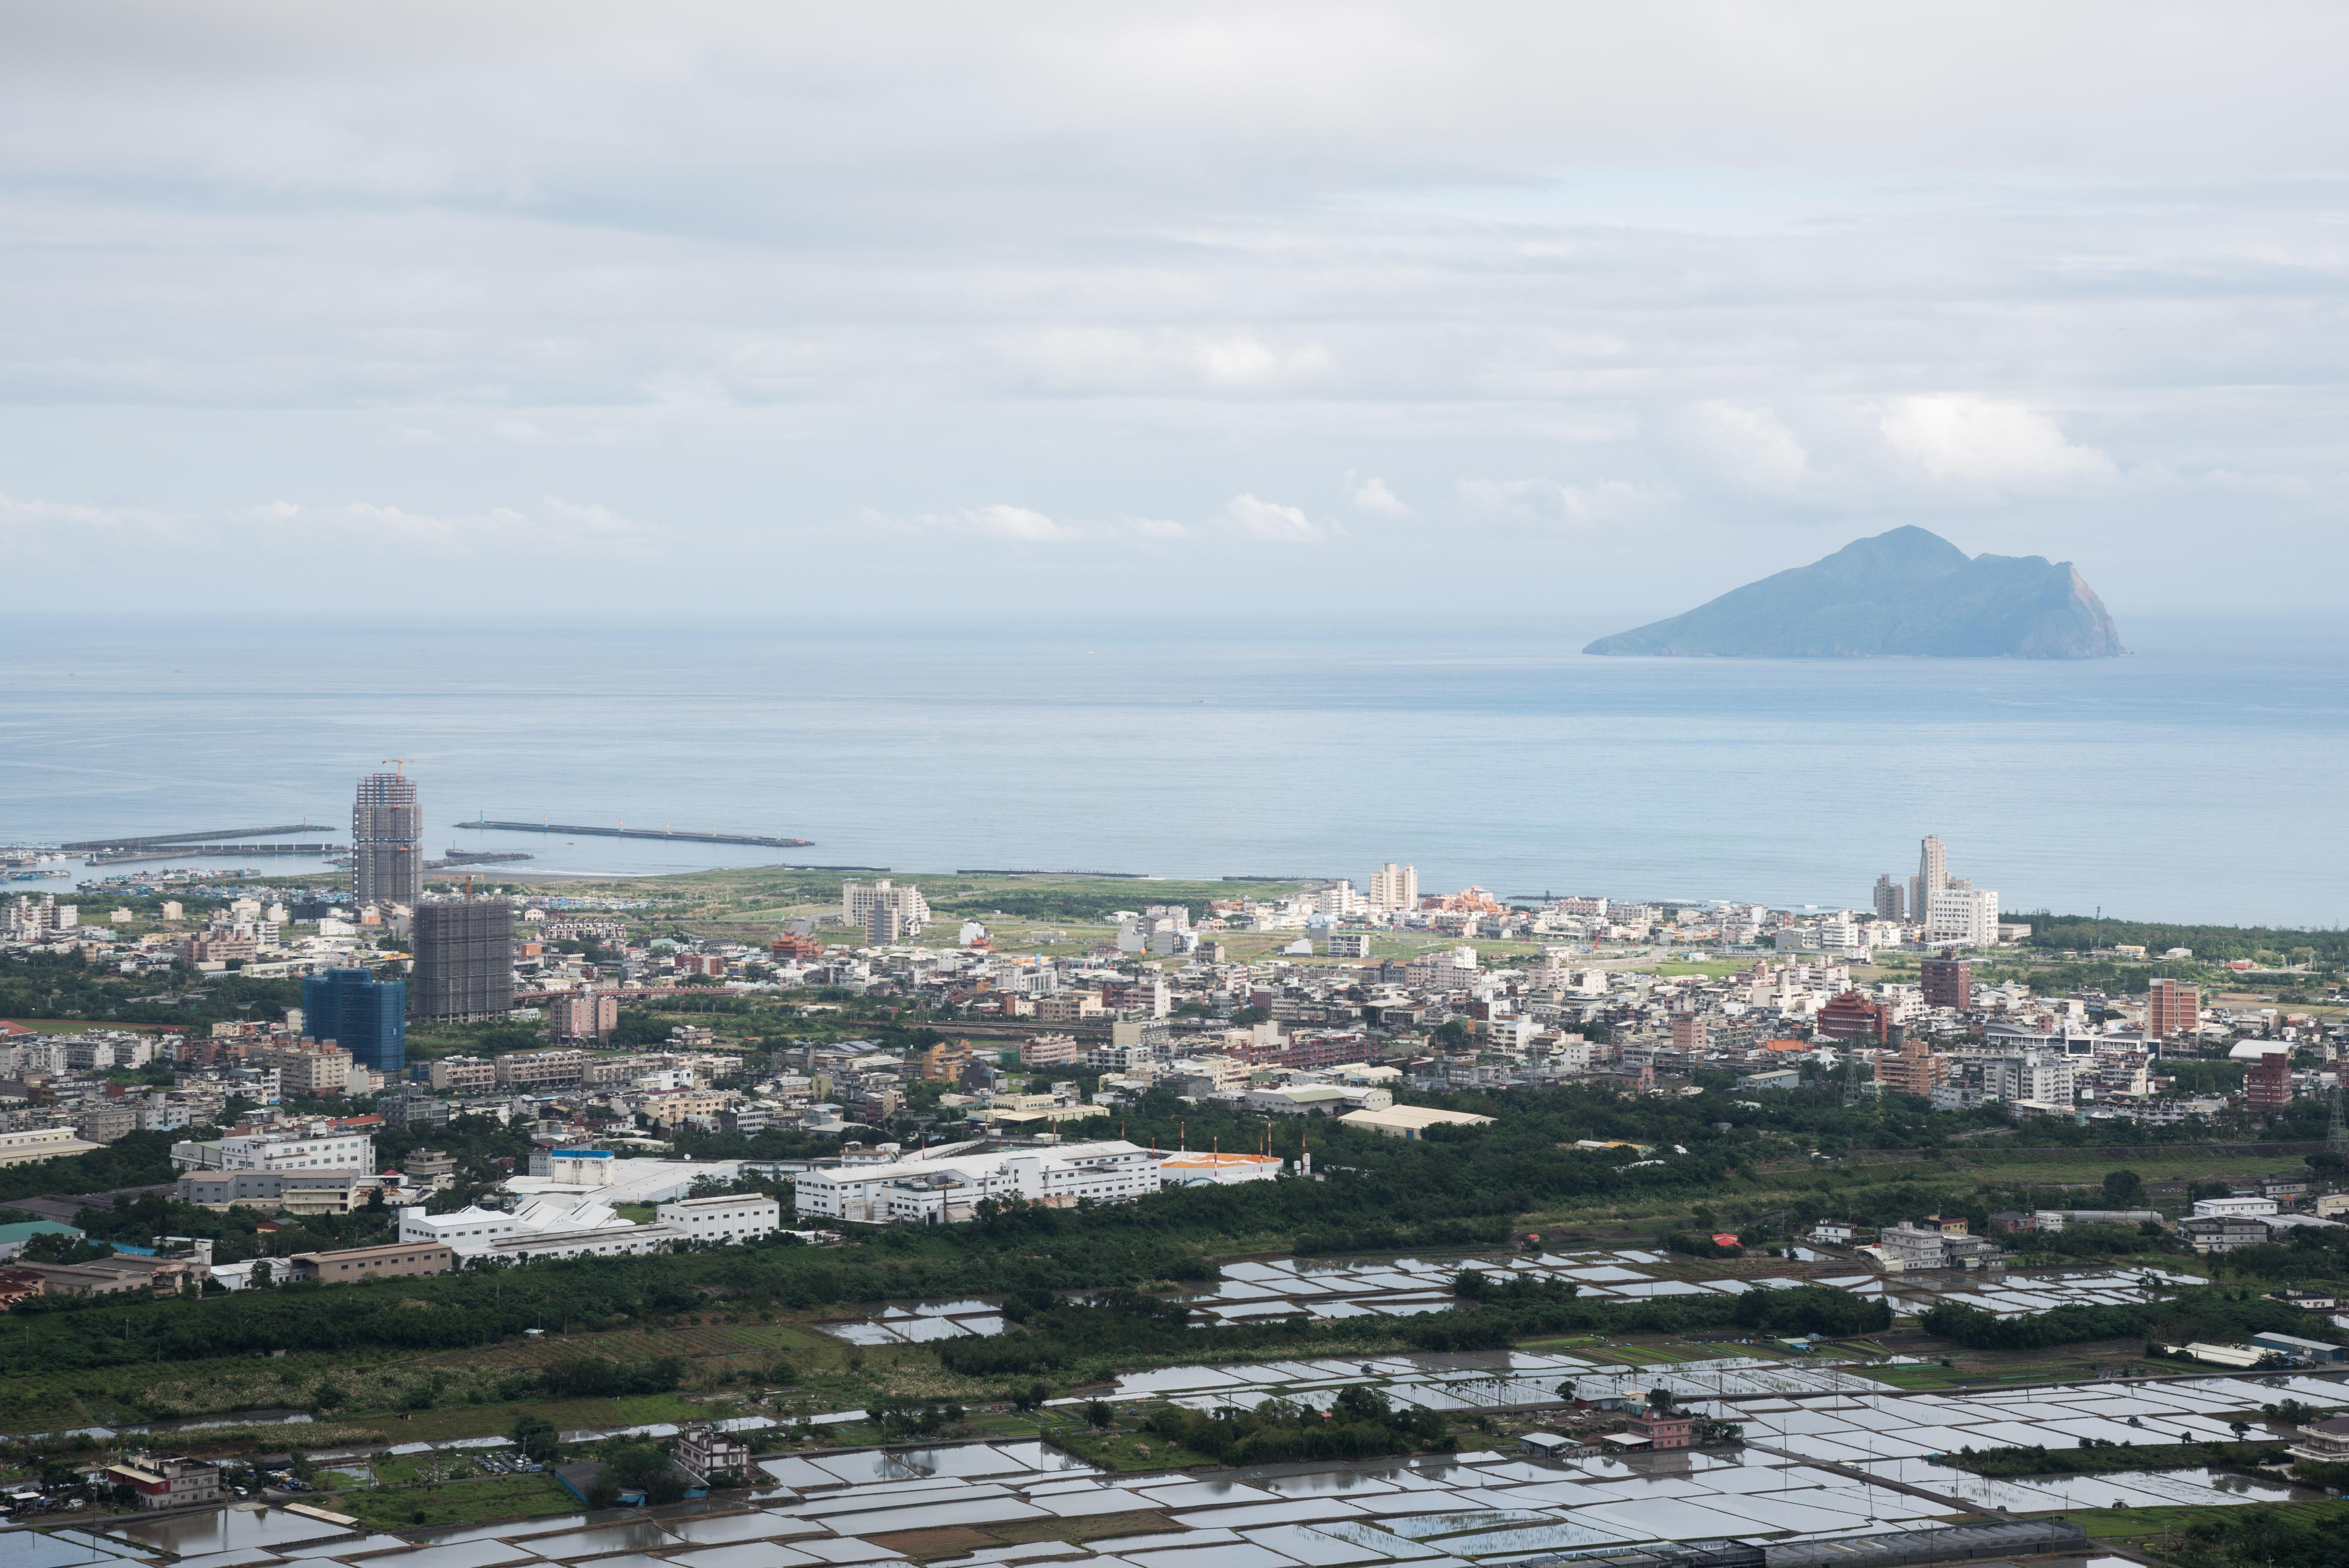 2018旅行就來這!今年台灣必玩的10大離島你都去過嗎?